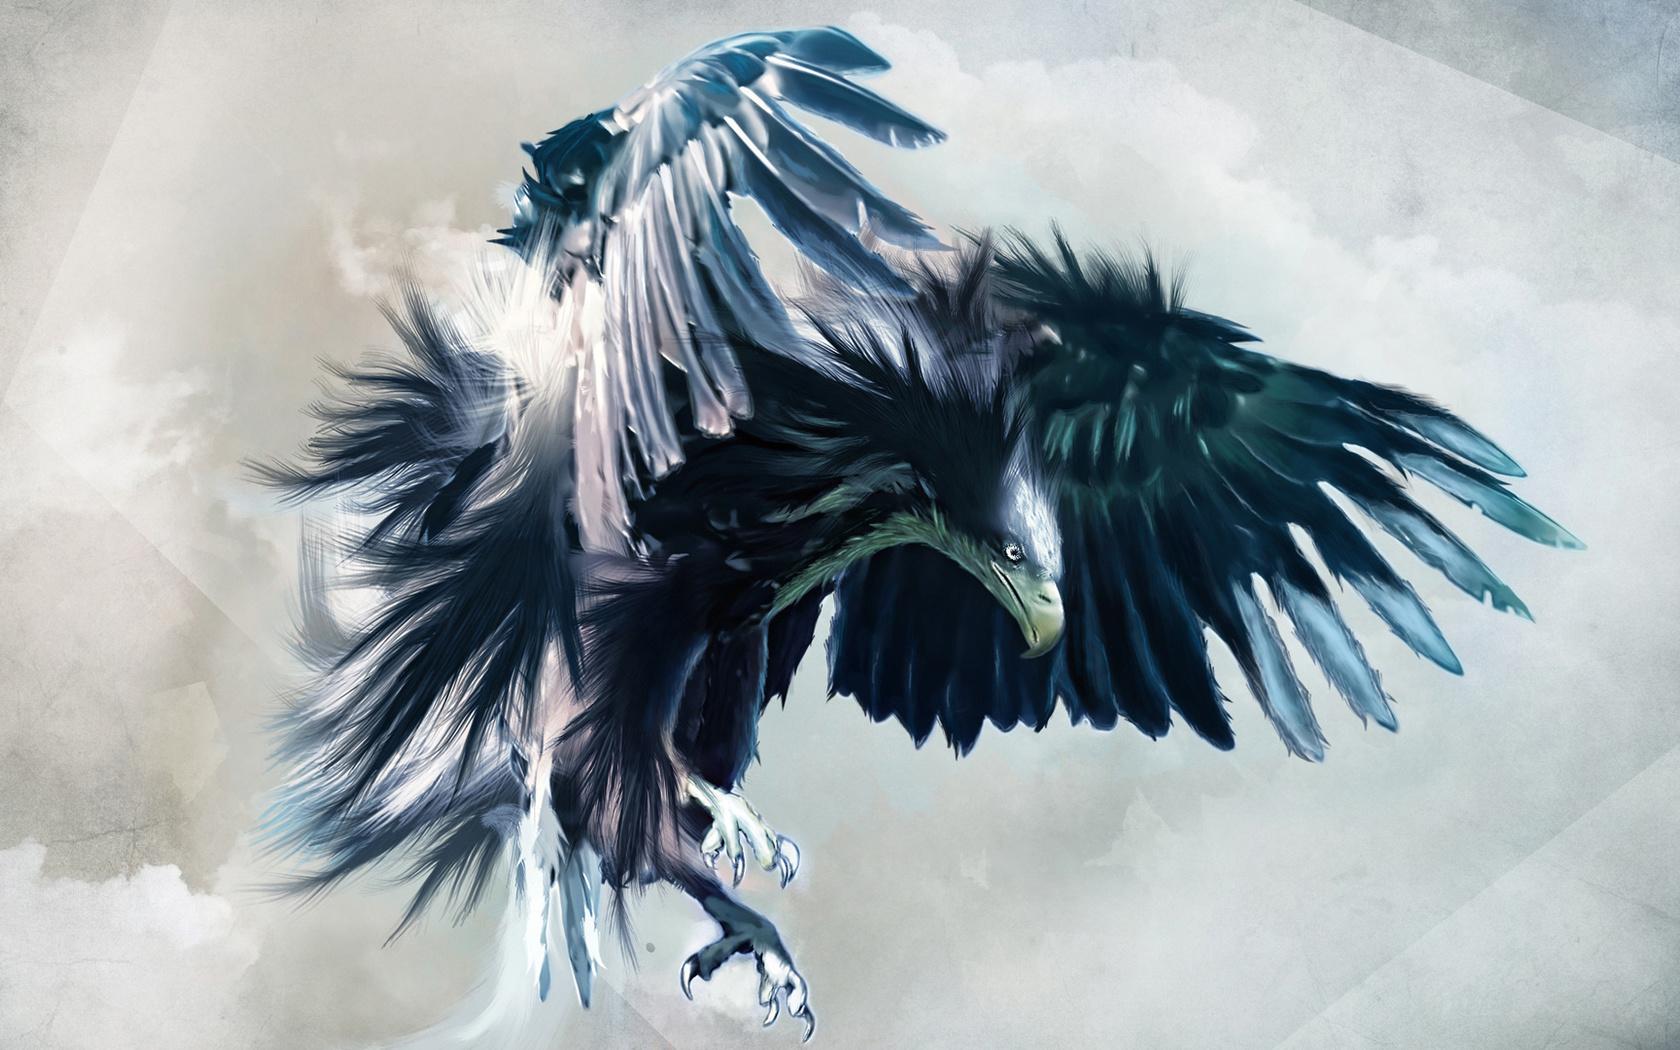 крутые картинки с орлами являются хранилищем визуально